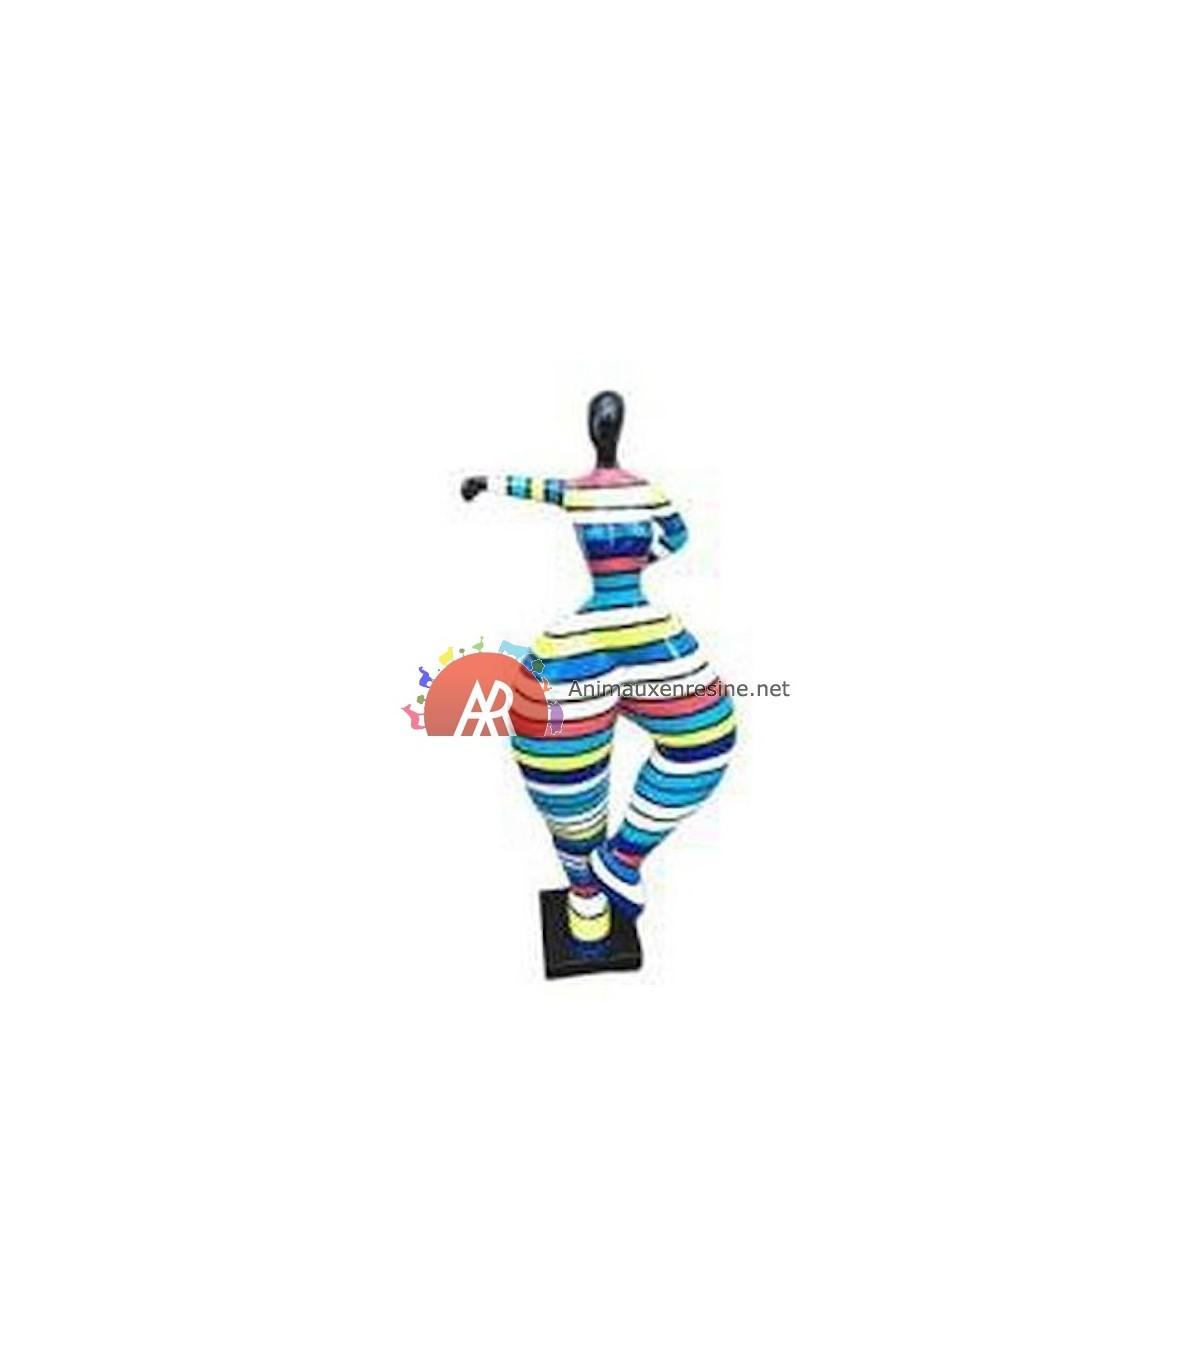 Sculpture Femme Ronde Colorée statue deco grande taille femme design 1 en résine multicolore grand modèle  | animauxenresine